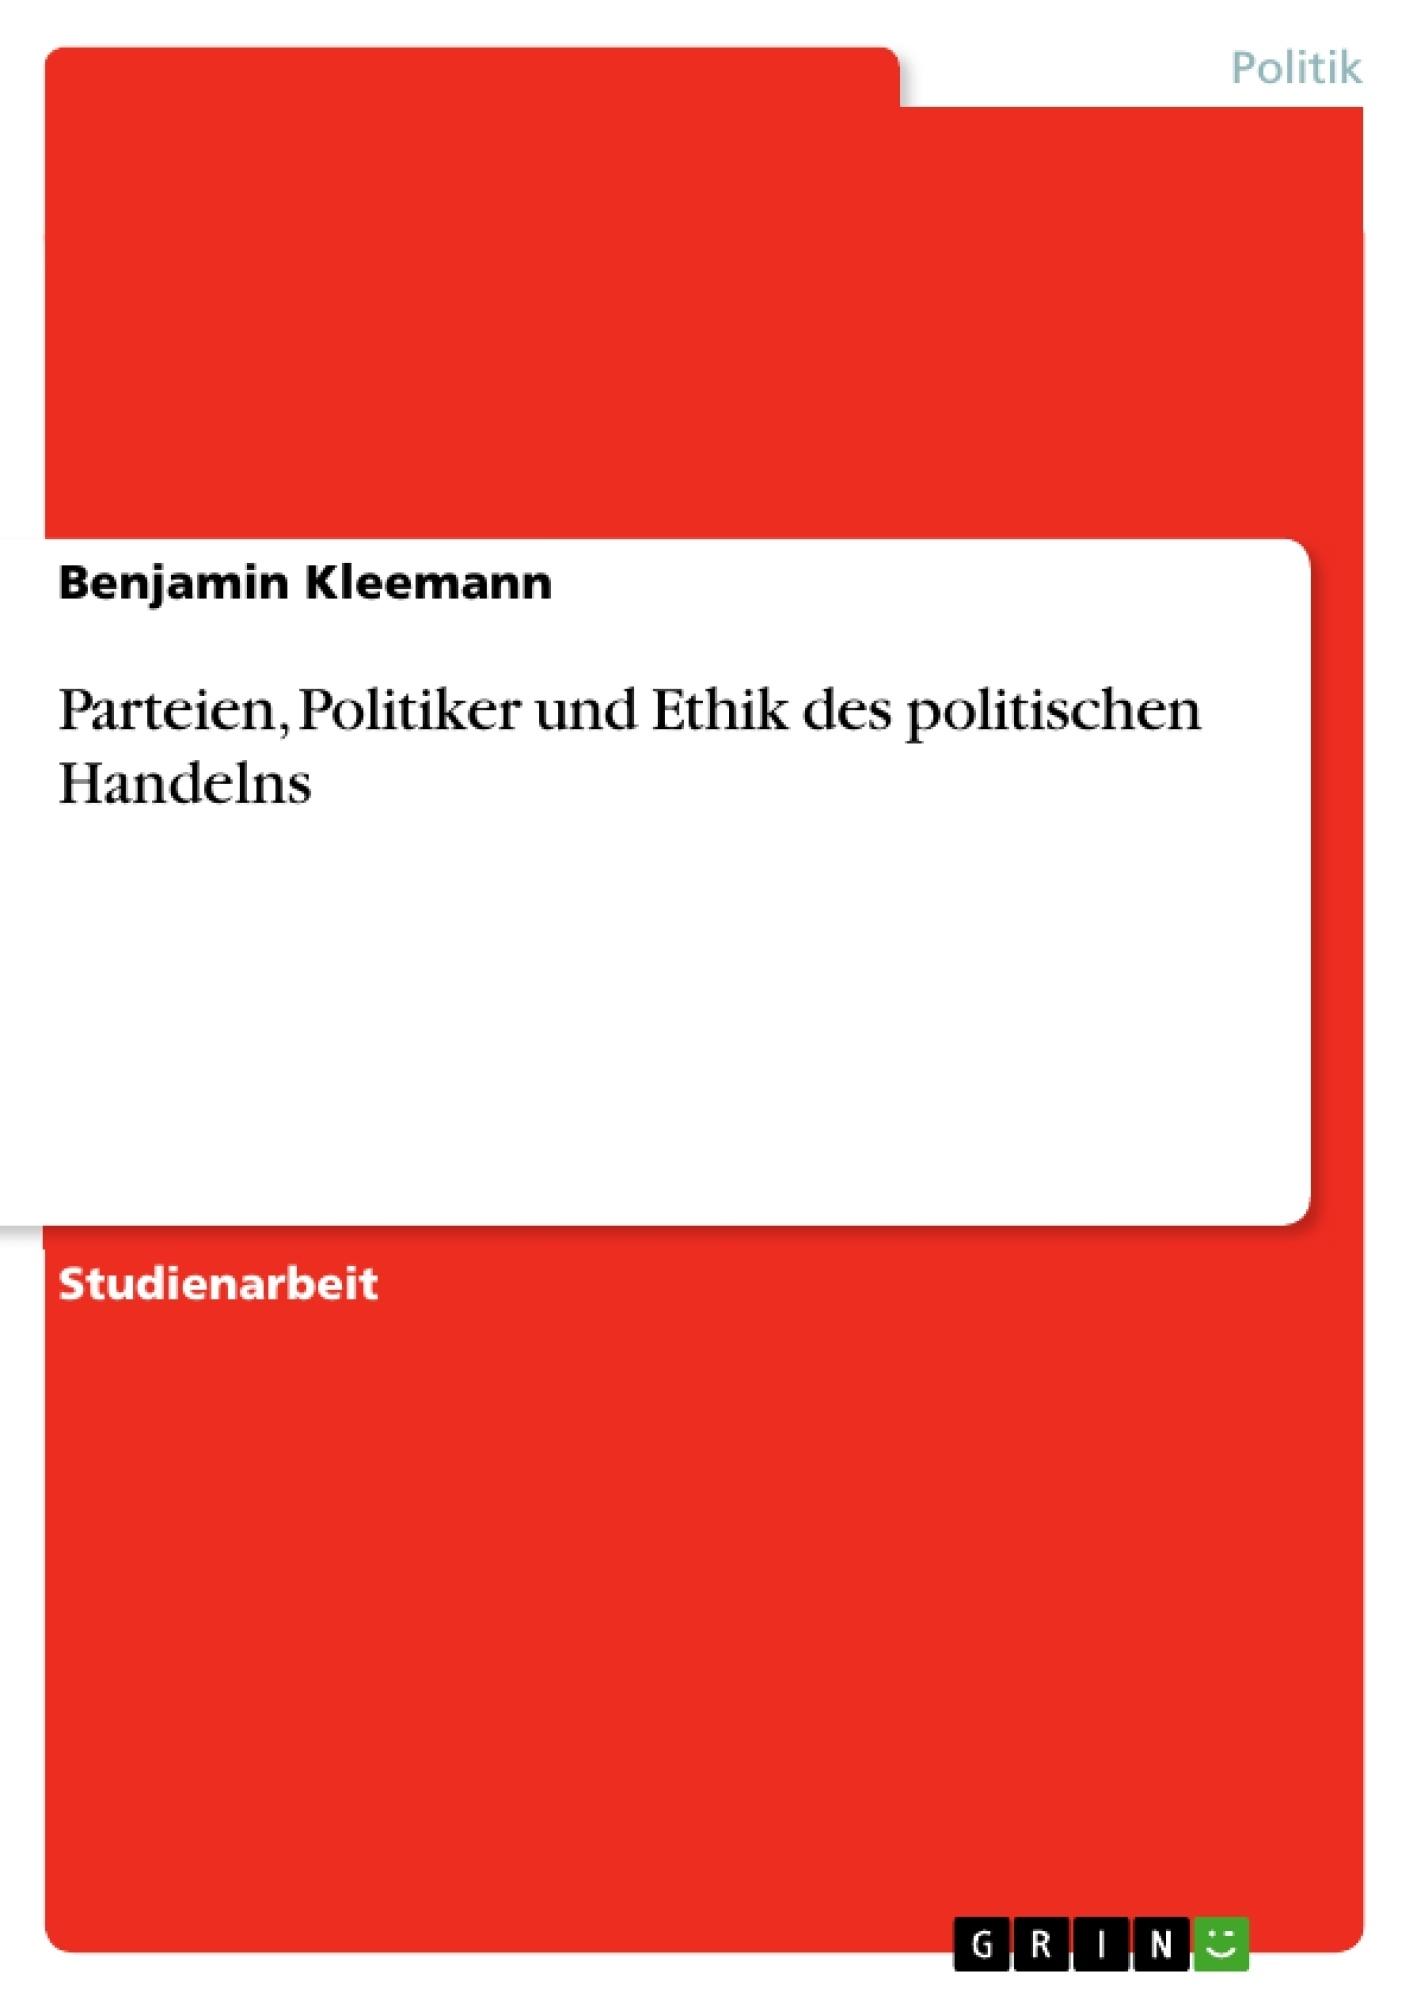 Titel: Parteien, Politiker und Ethik des politischen Handelns